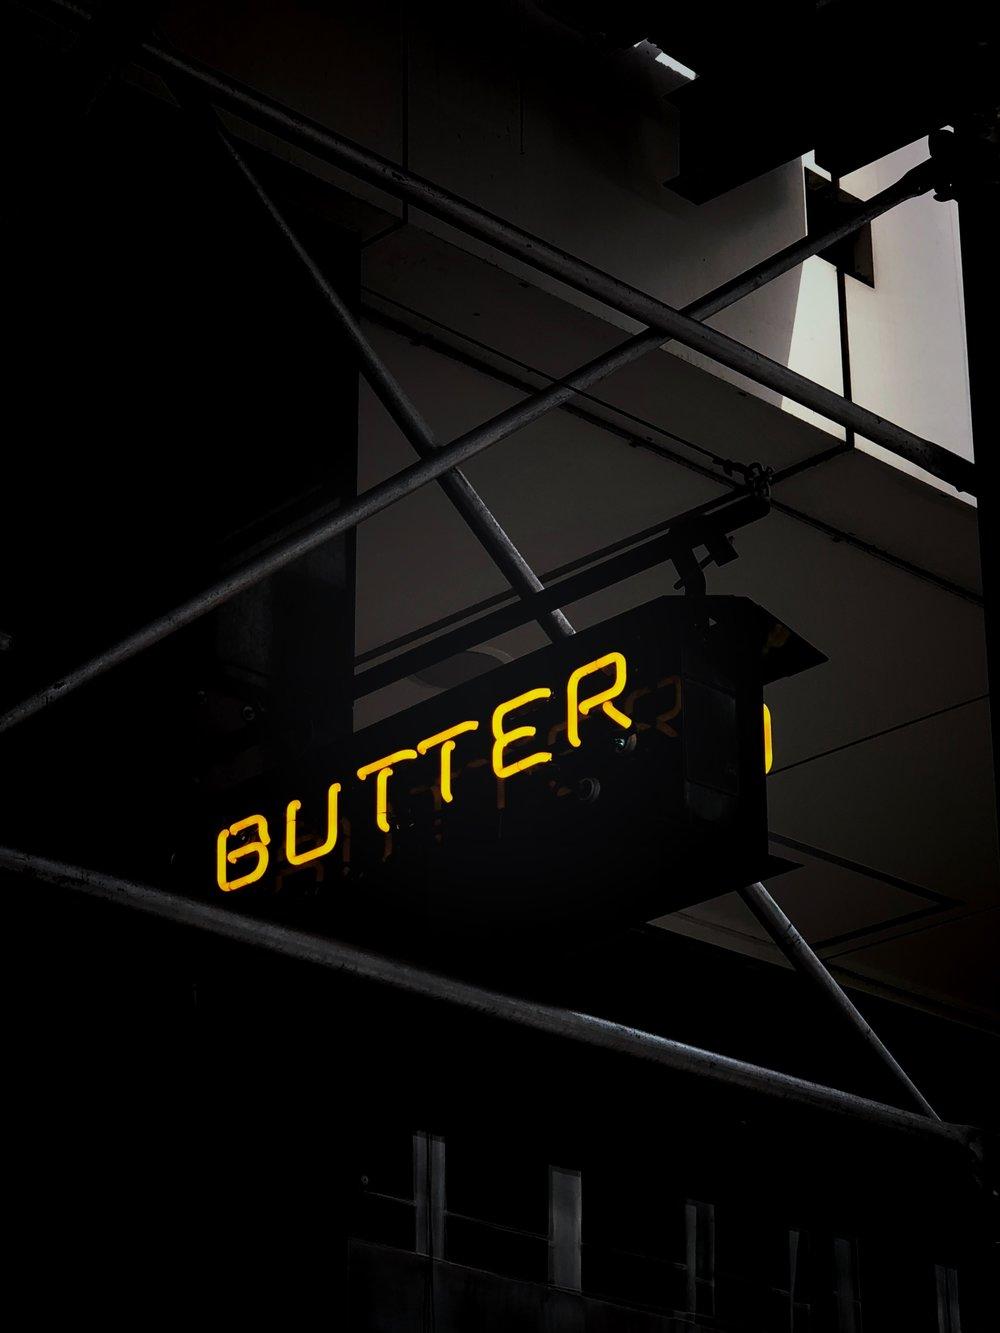 Butter Neon Sign.jpg